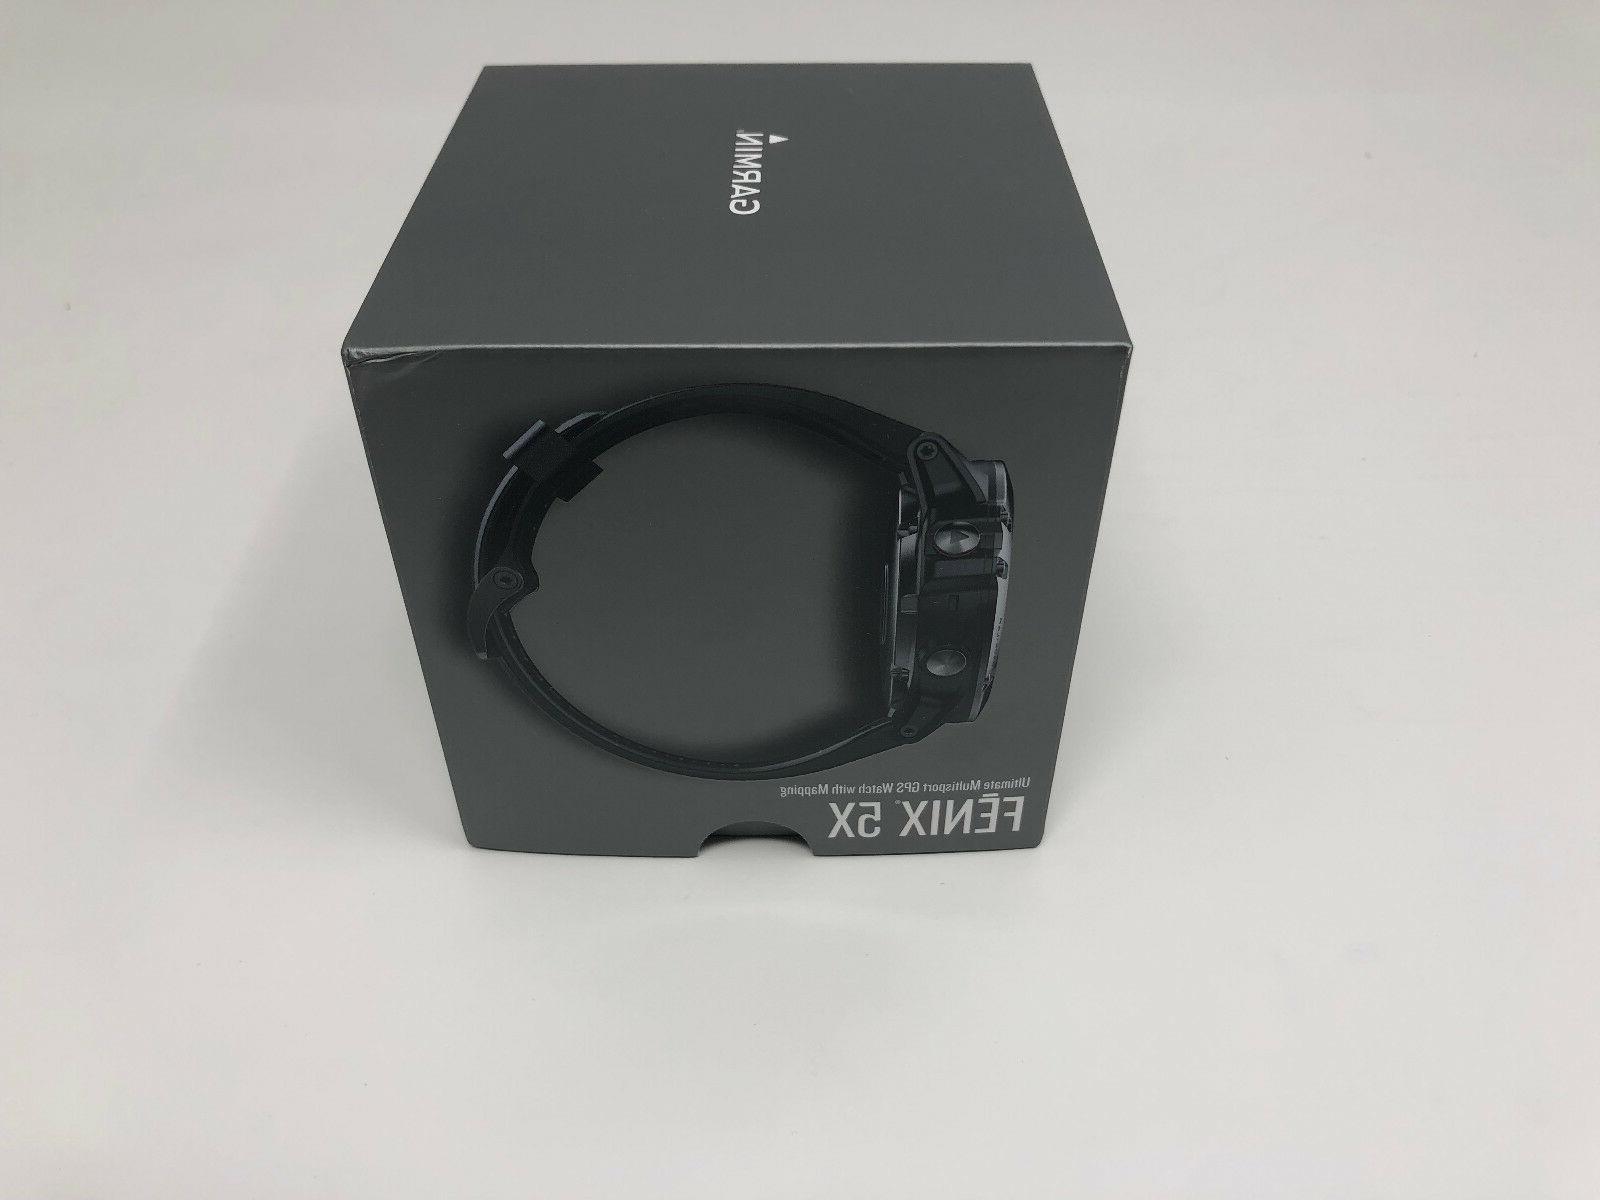 NEW Garmin SAPPHIRE GPS Running Watch